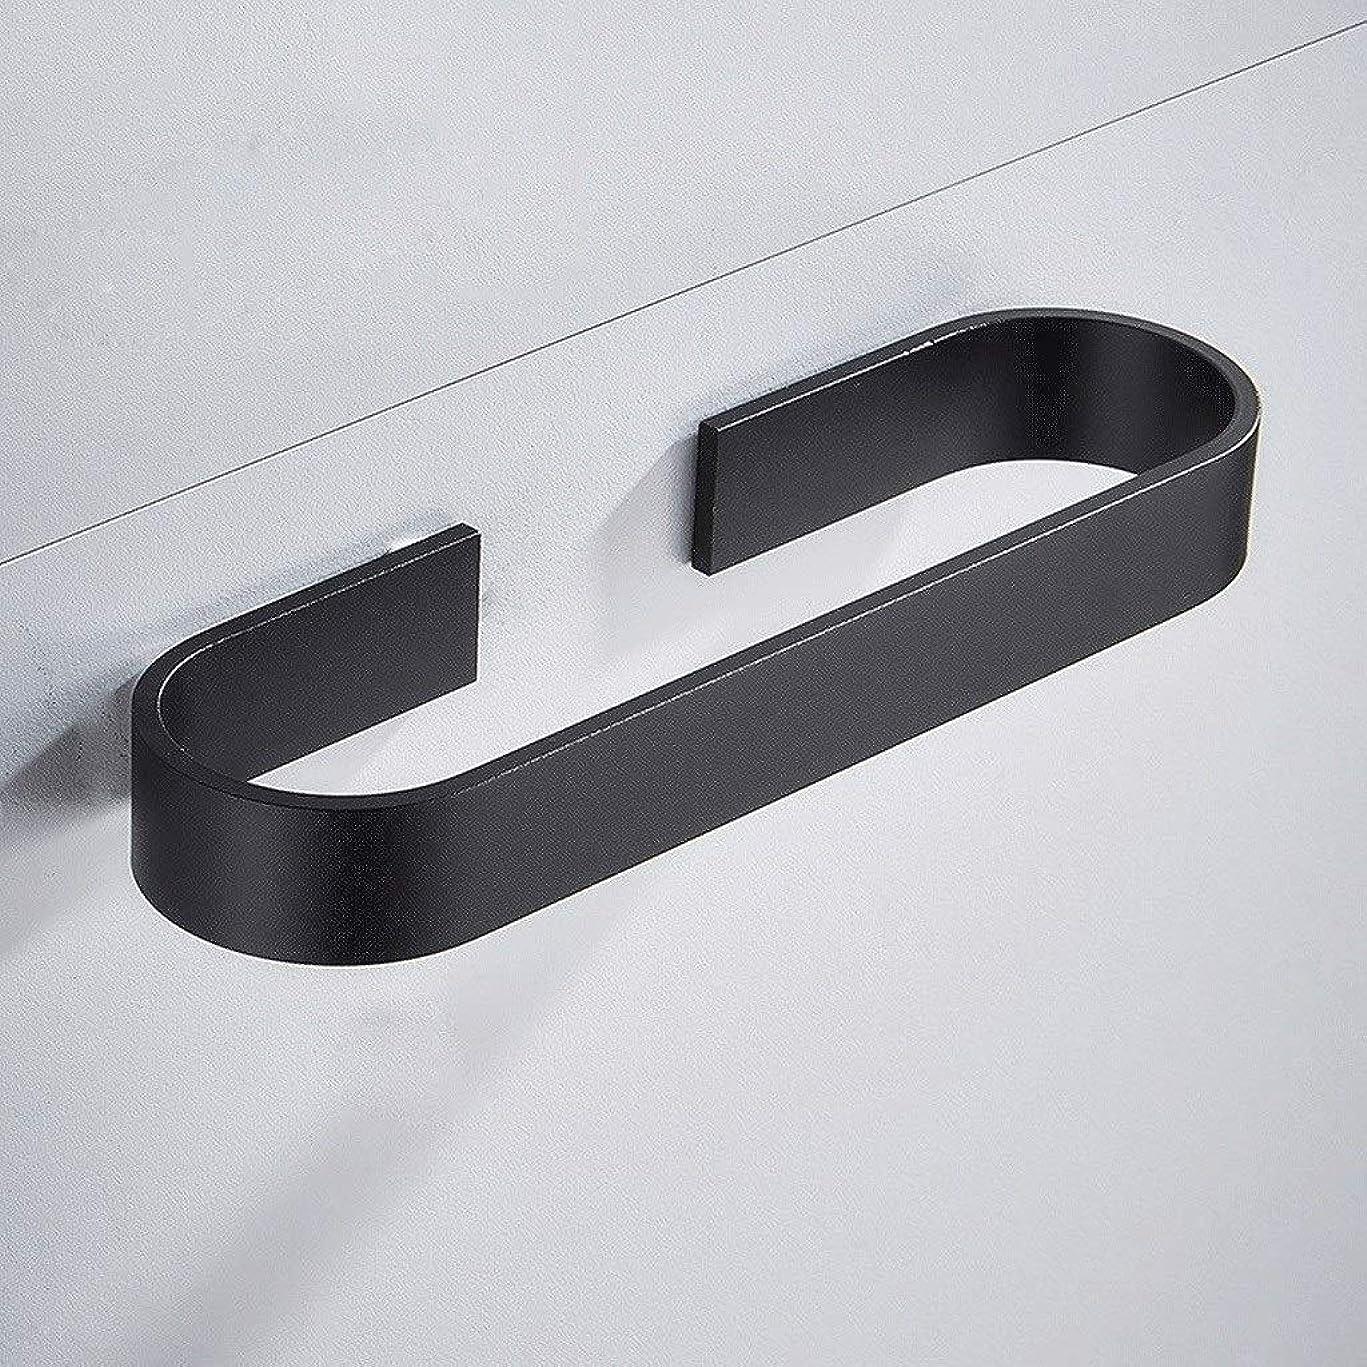 ゴージャス規範無線GWM タオル タオルホルダー、ウォールマウントステンレススチール製バスルームタオルバー、タオルラック自己接着、穴あけなし、スペースアルミニウム、黒 (Size : 30cm)